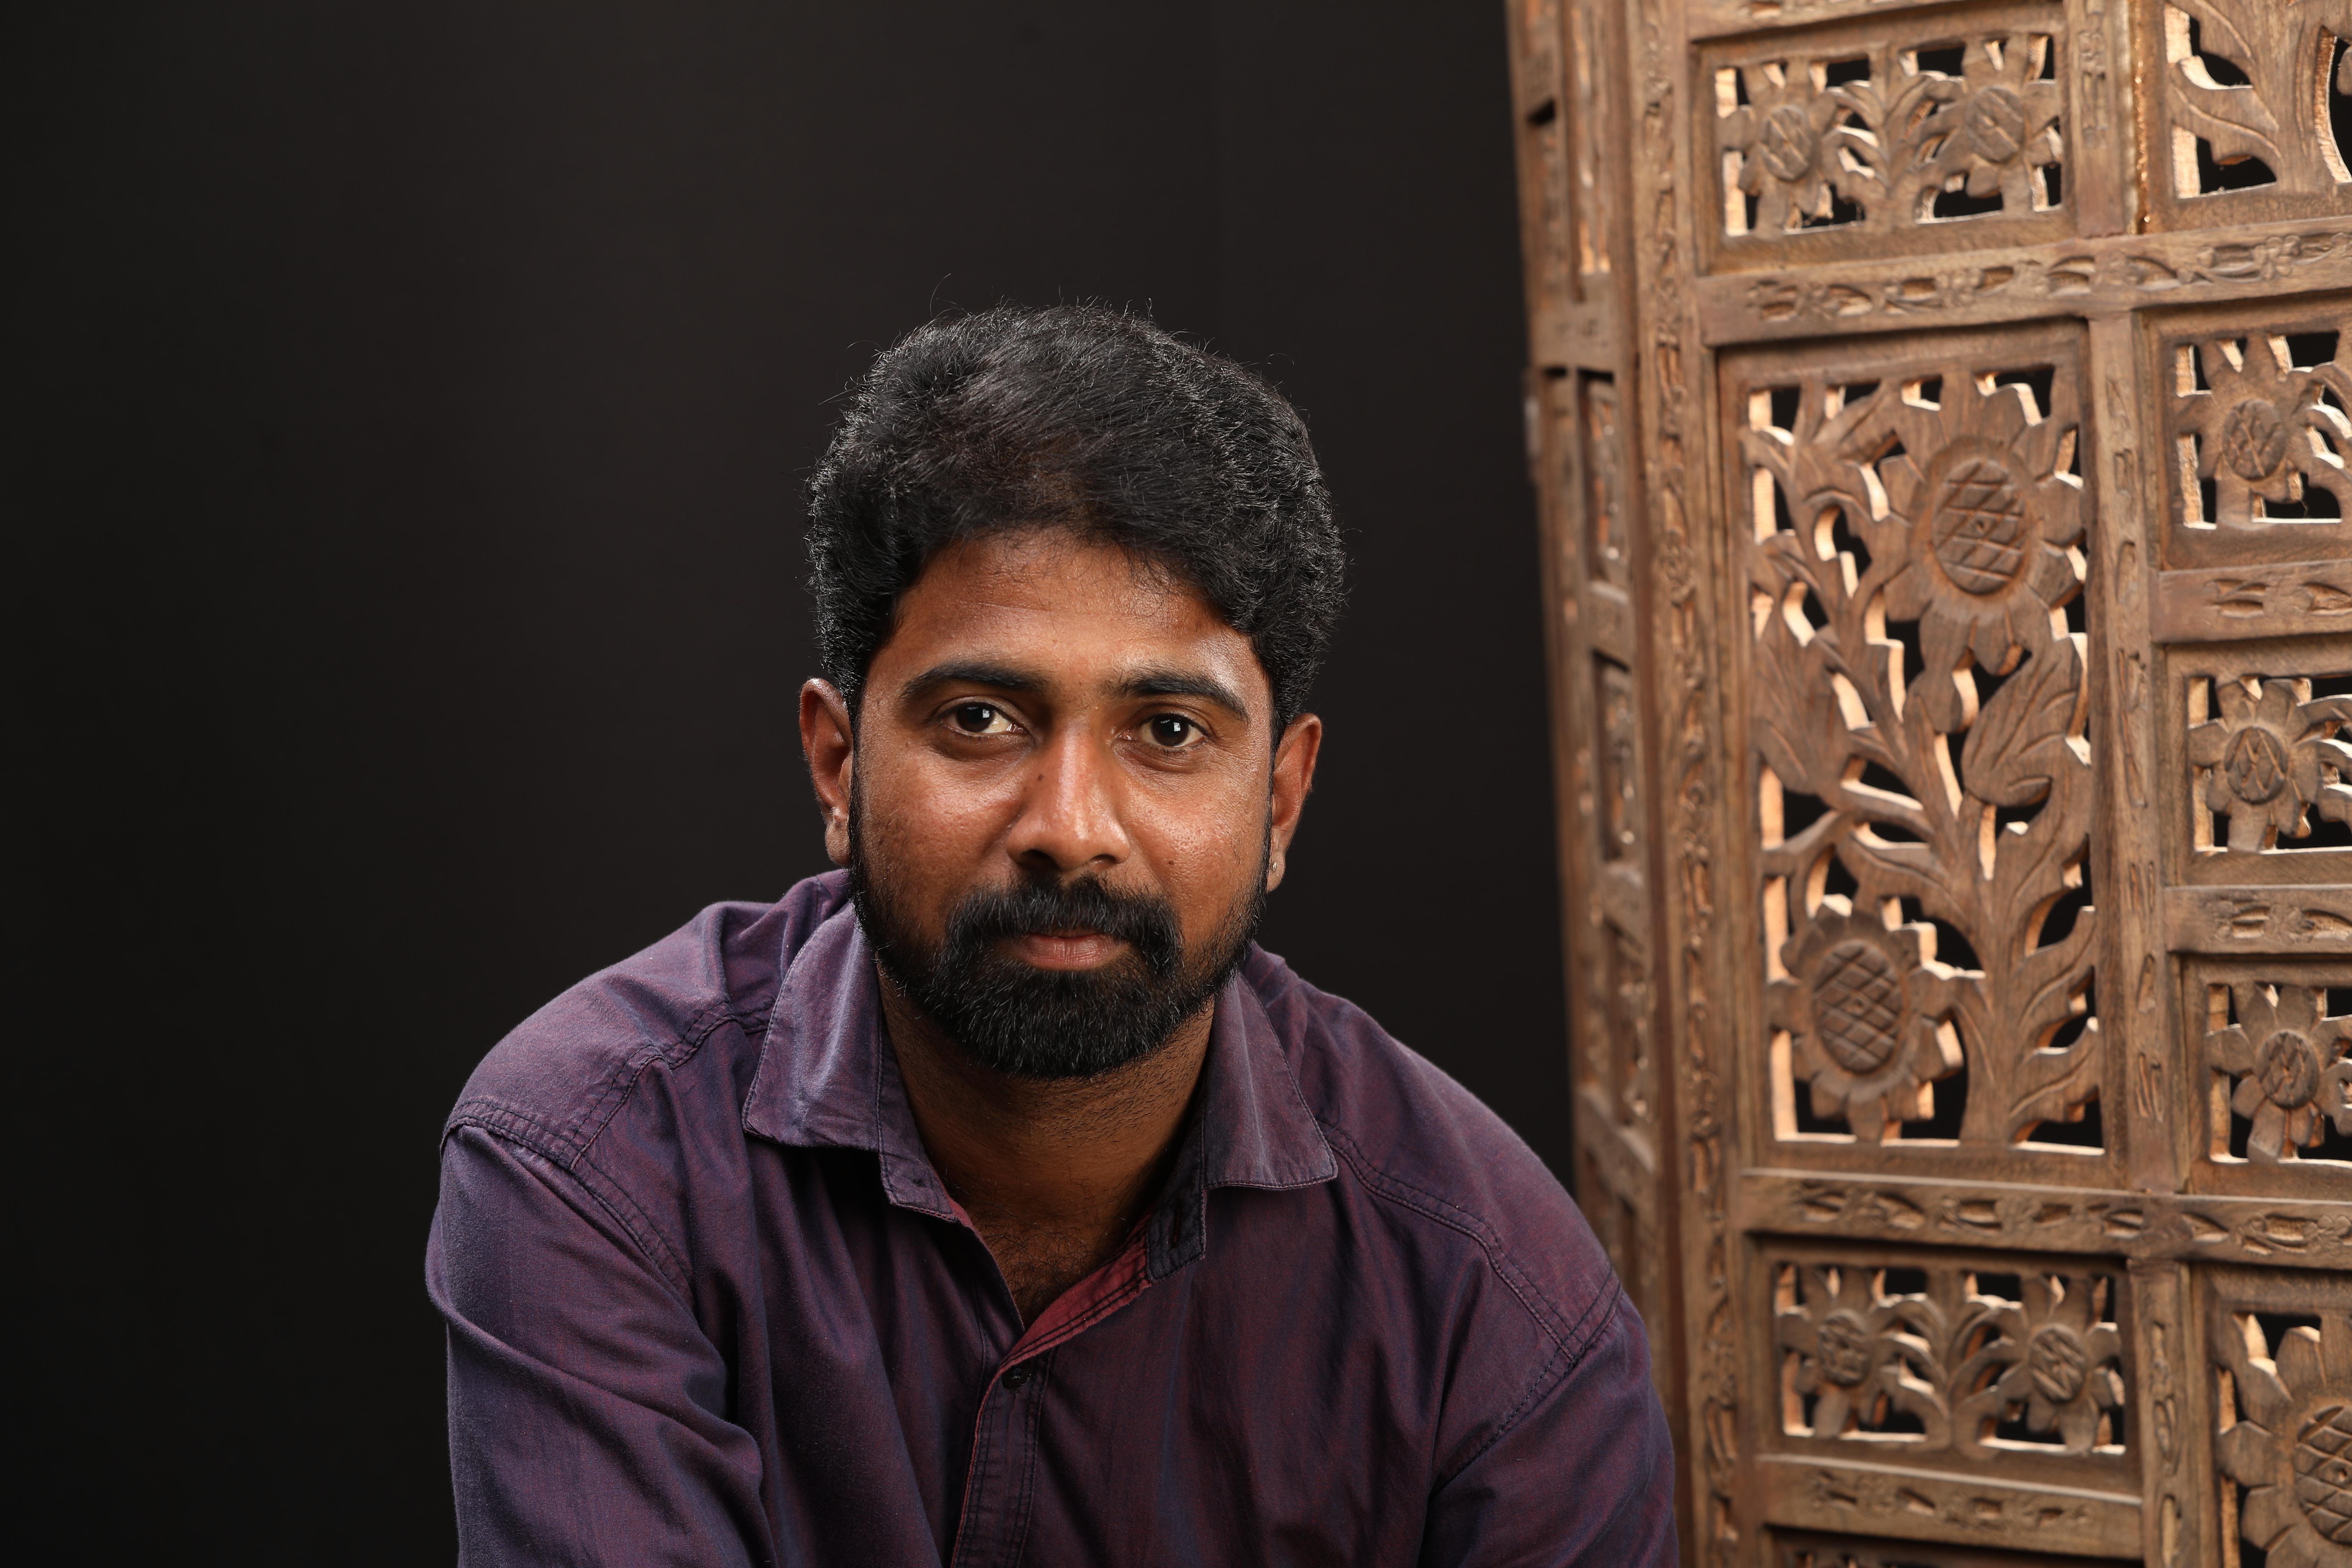 മല്ലുവീട്ടമ്മയുടെ സംവിധായകന് അരുണ്ലാല് കരുണാകരന്